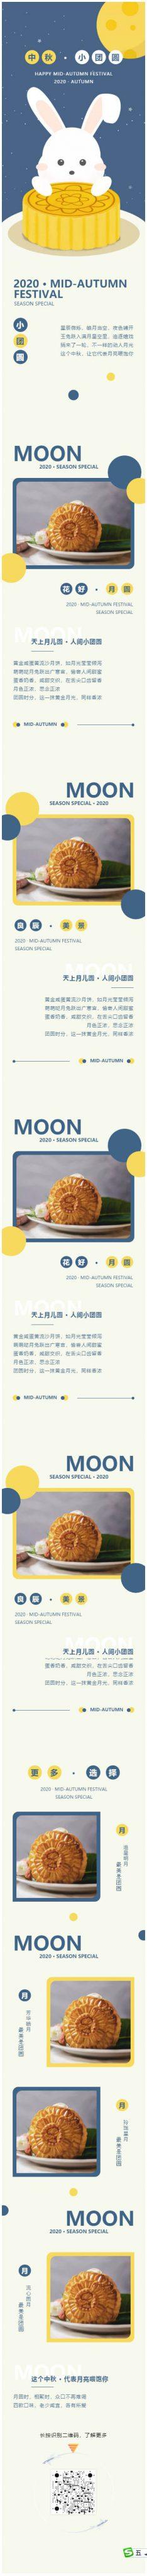 2020中秋节月饼微信公众号推文模板服务号订阅号推送图文素材